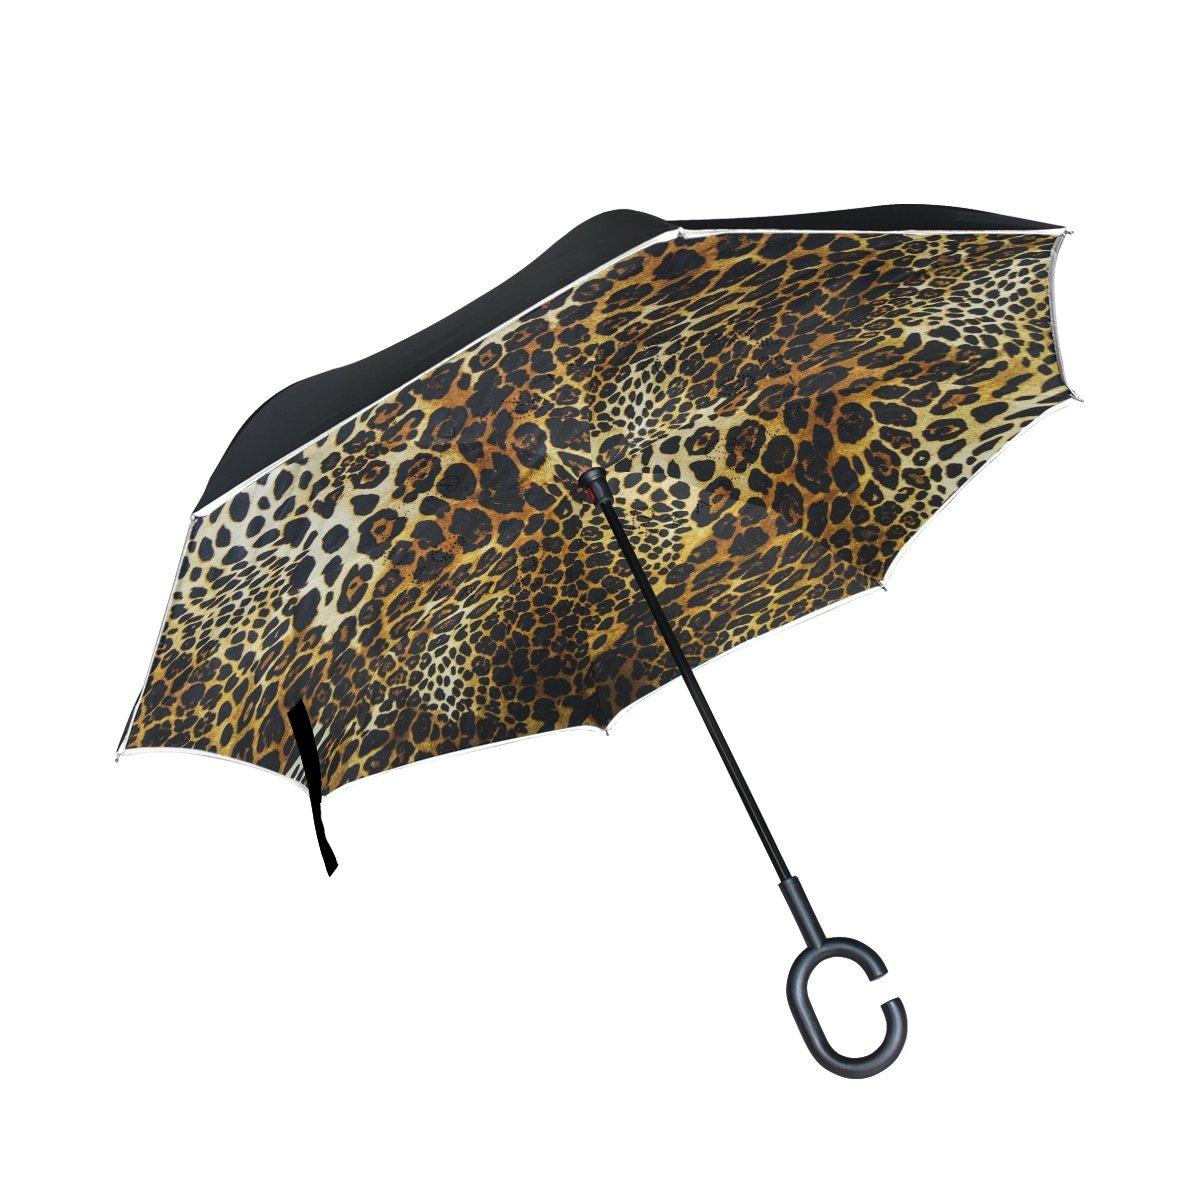 COOSUN Leopardo Piel Fondo Doble Capa Paraguas invertido Reverse Paraguas para Coche y Uso al Aire Libre Lluvia Impermeable y a Prueba de Viento UV ...